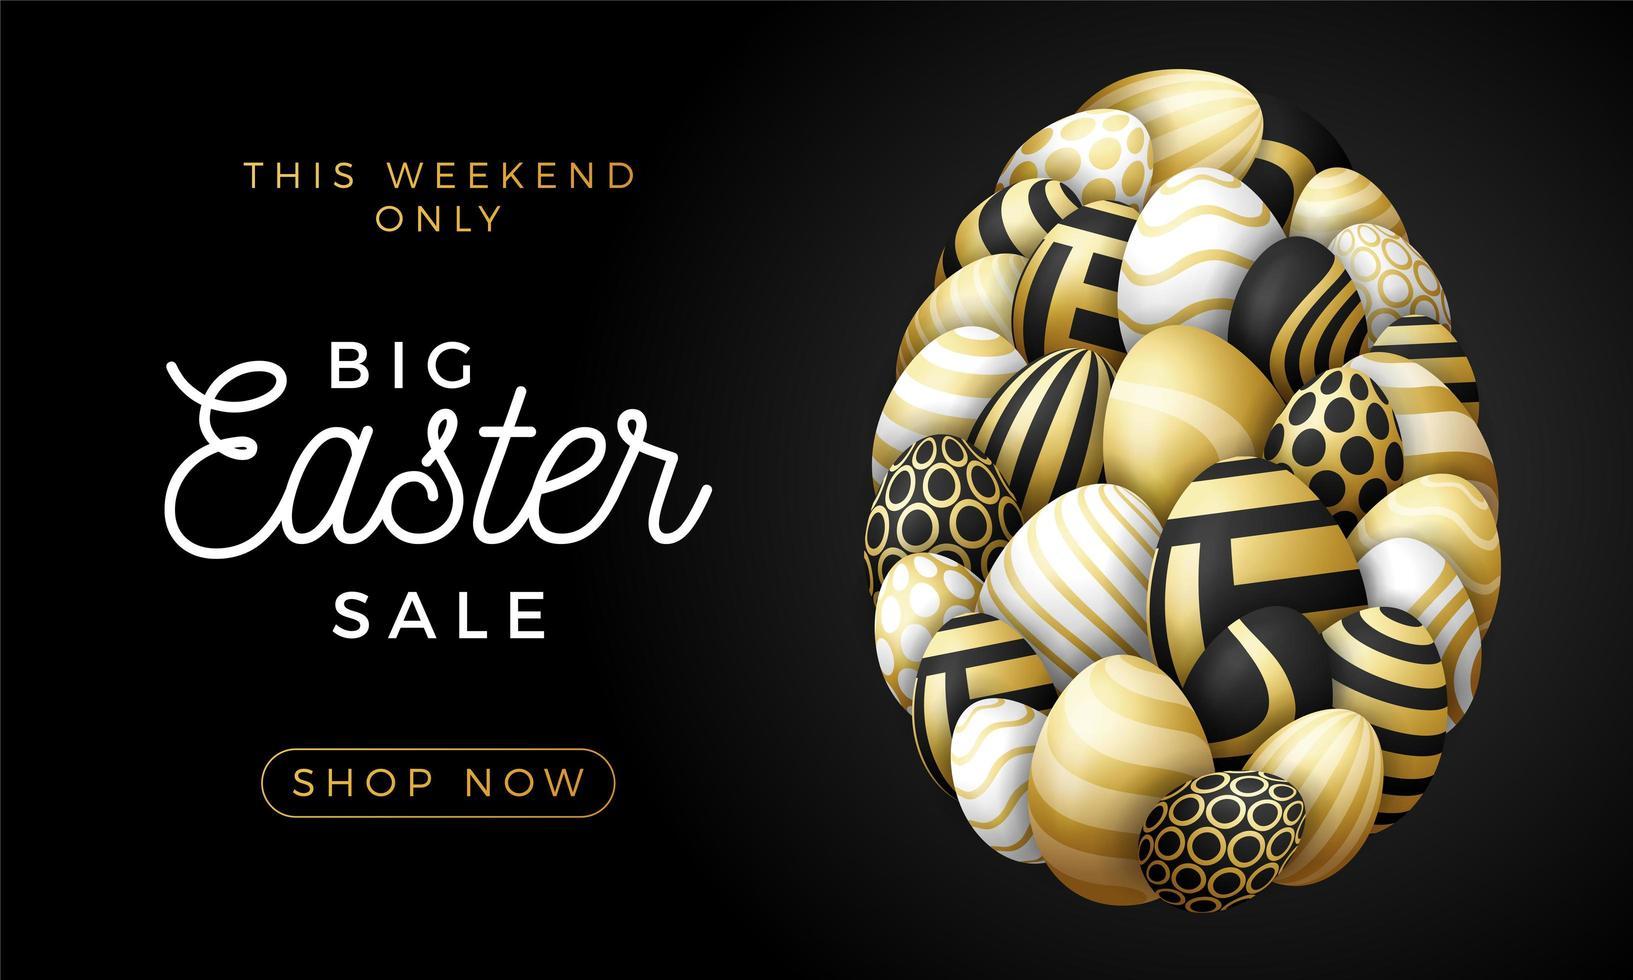 tarjeta de feliz pascua de lujo con huevos. Muchos hermosos huevos dorados realistas se colocan en forma de un huevo grande. ilustración vectorial de pascua sobre fondo negro. vector